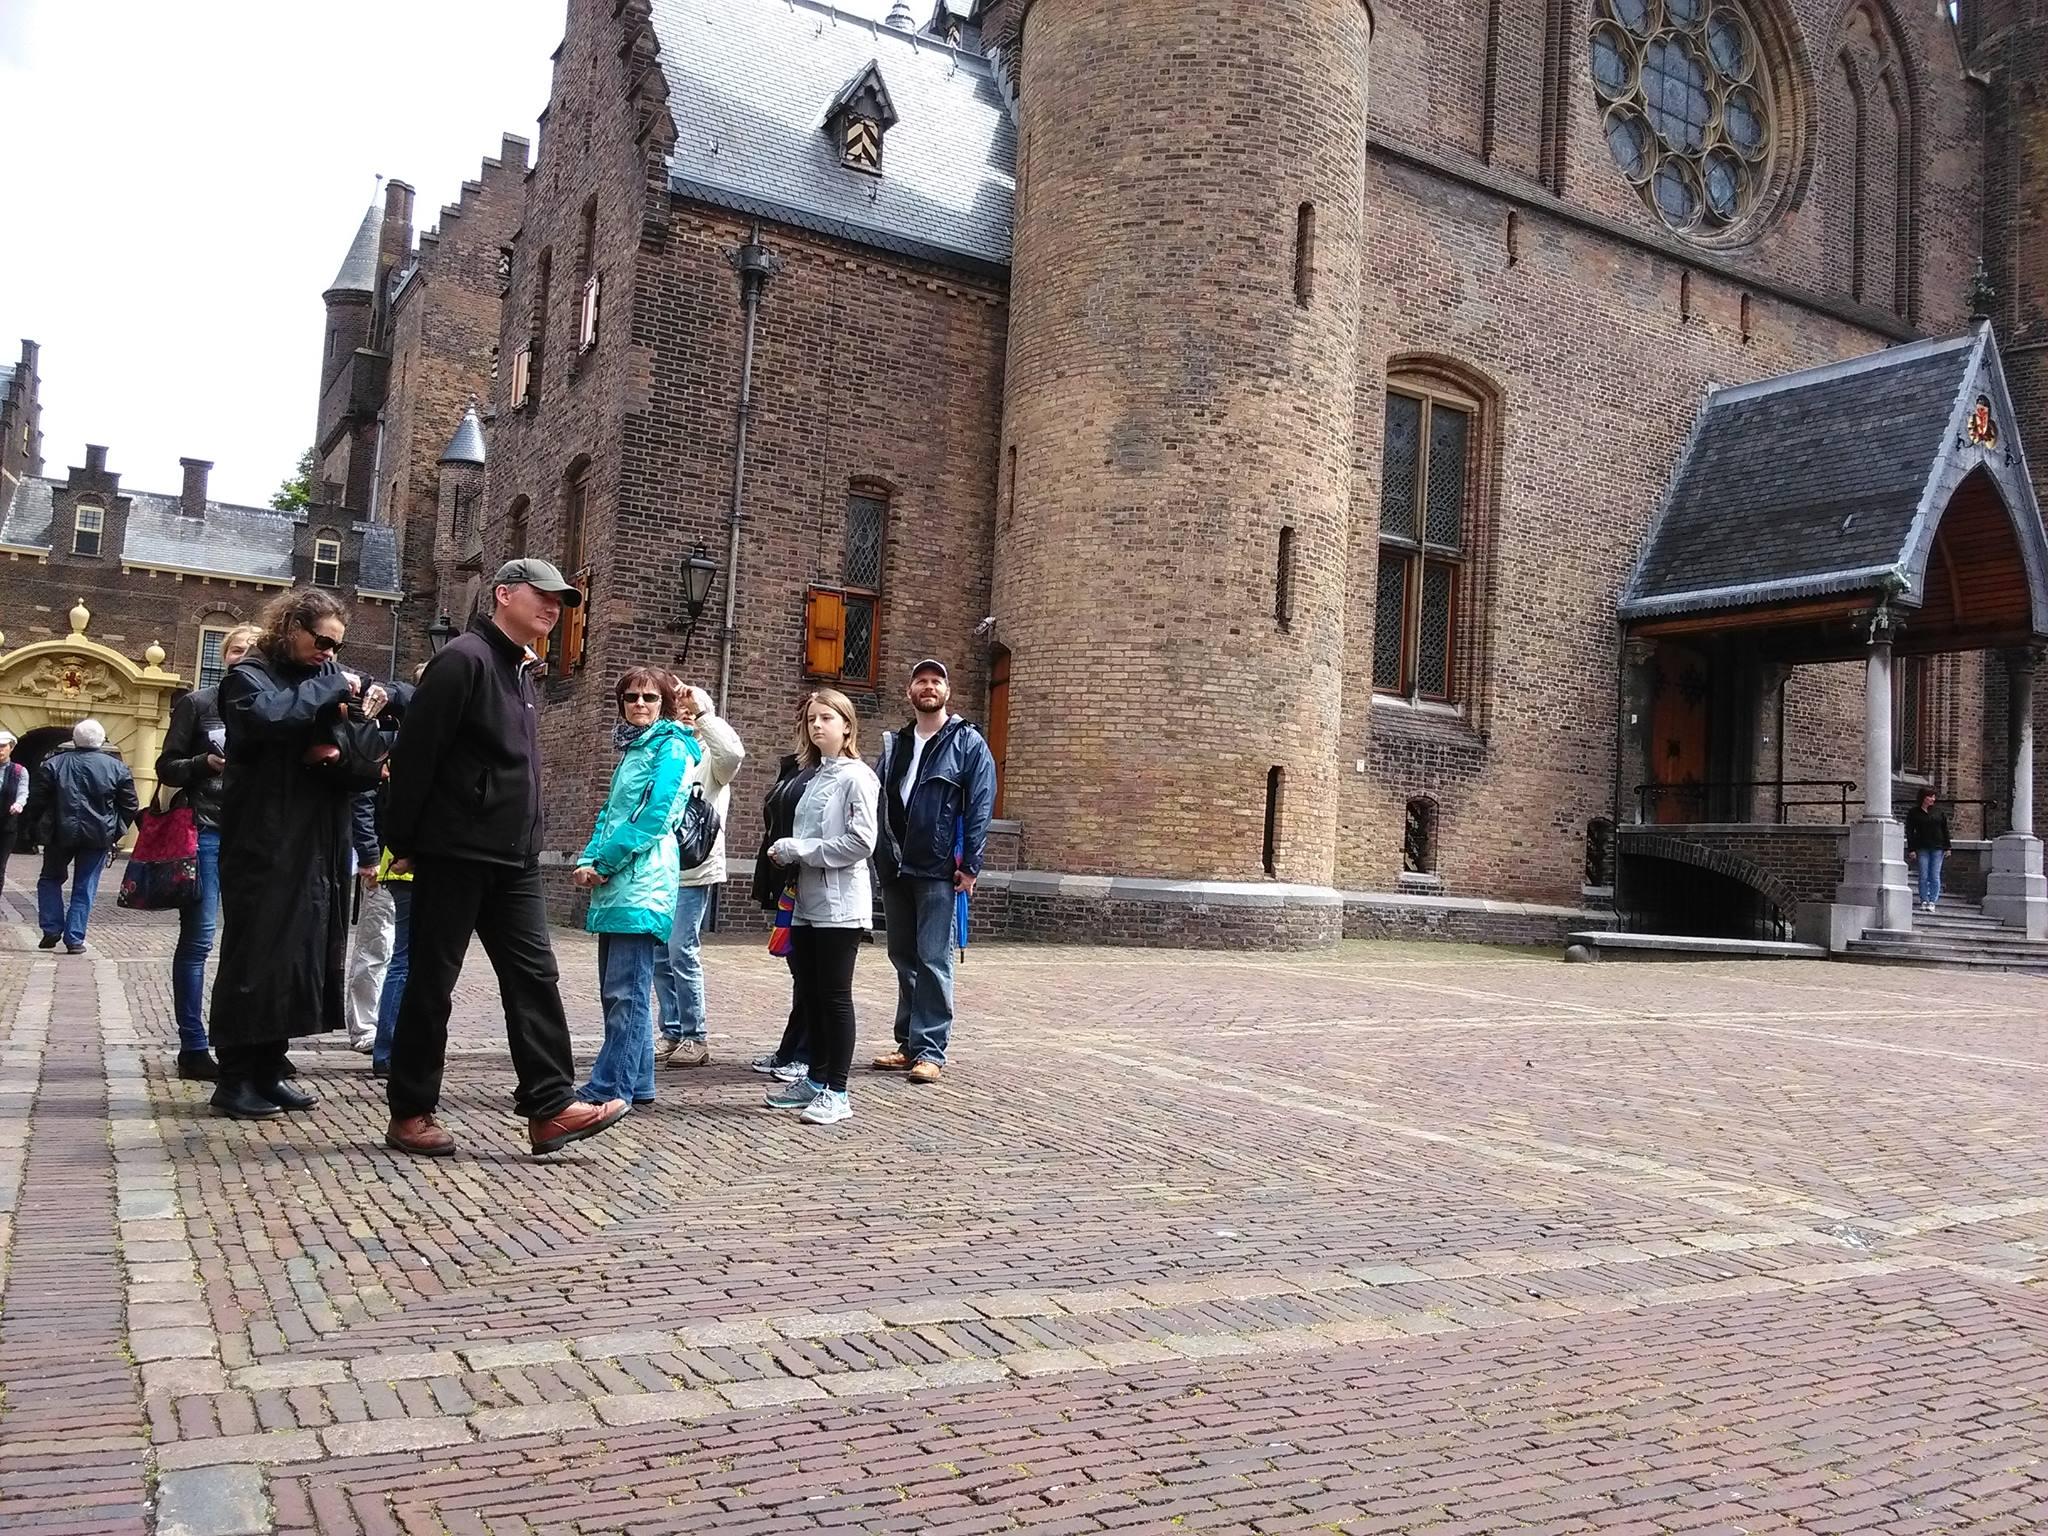 Onder leiding van onze gids Hans Uljée een interessante stadswandeling gemaakt op 18 juni 2016.